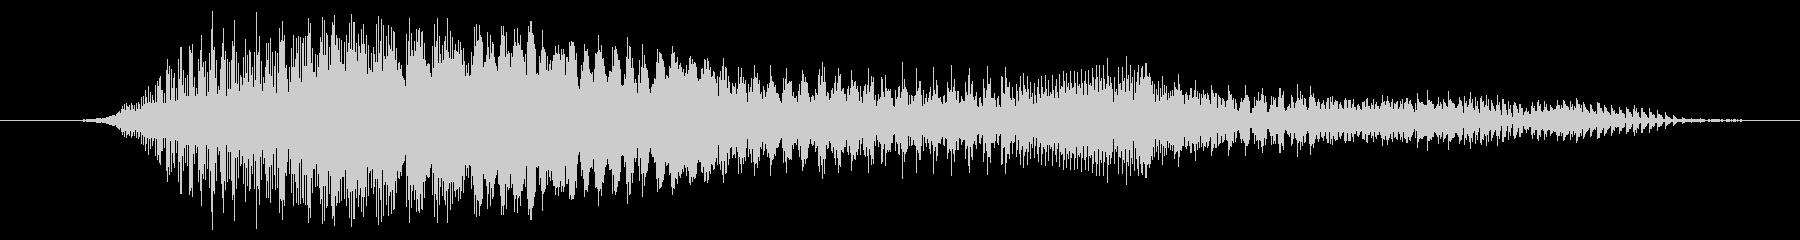 鳴き声 雄叫びアグレッシブ02の未再生の波形